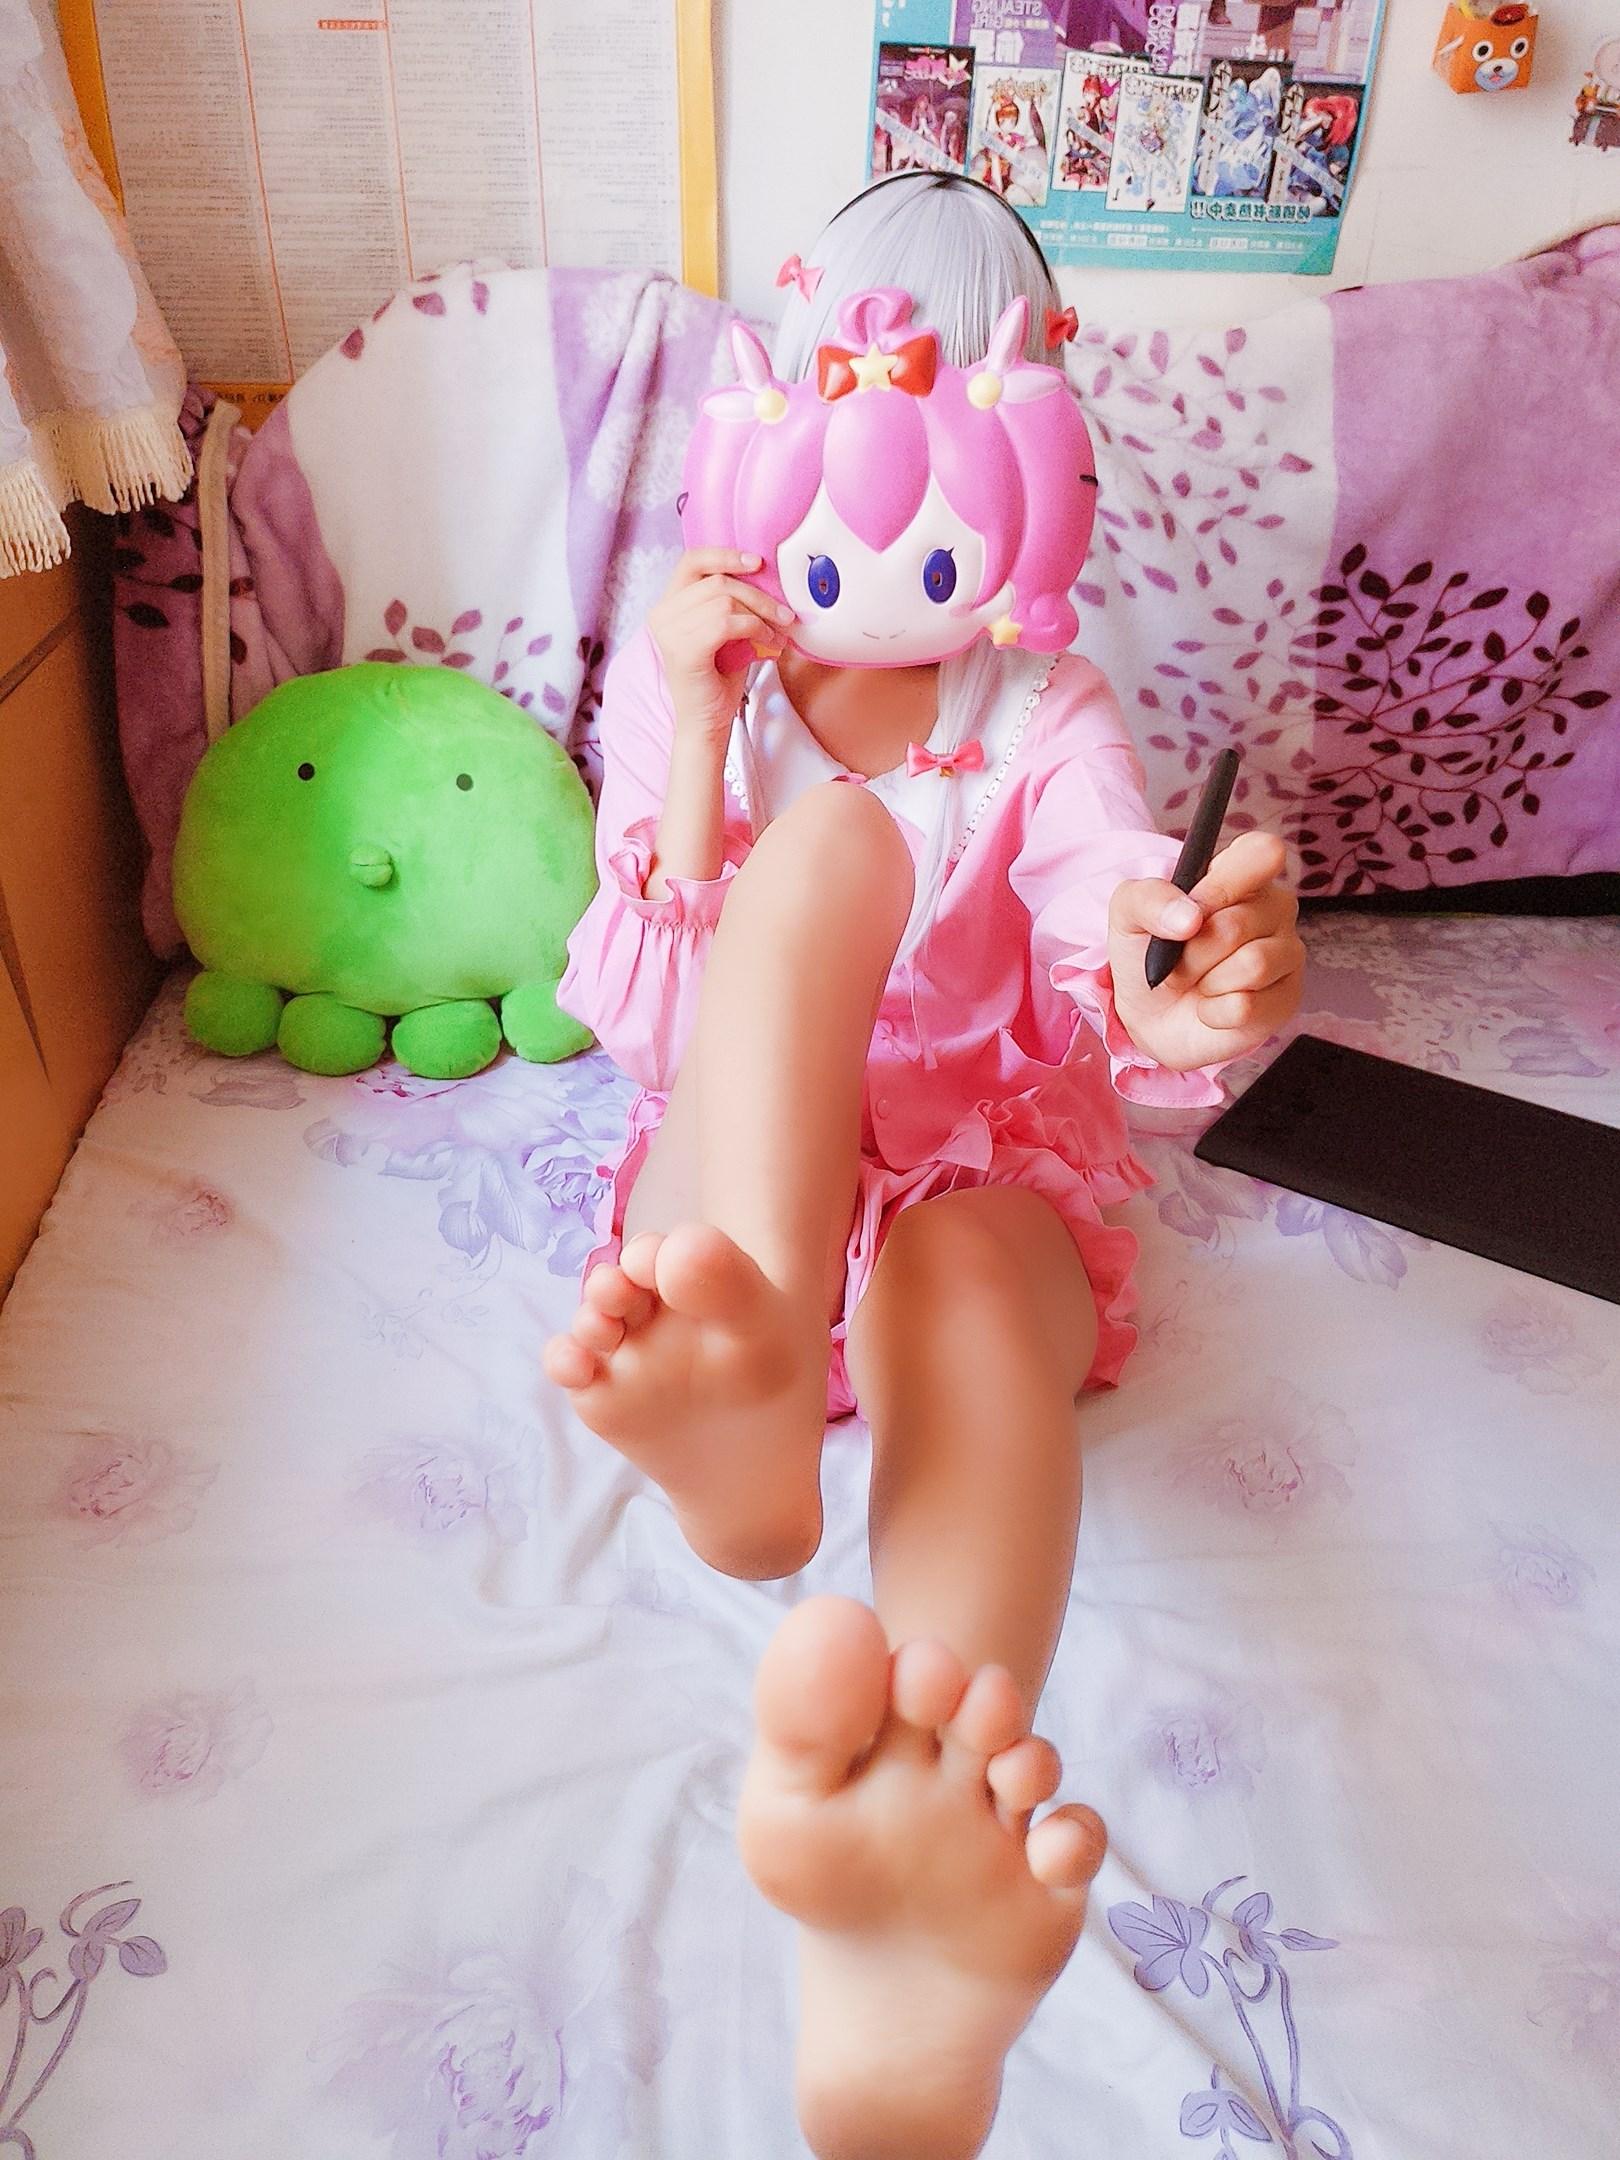 【兔玩映画】萝莉的果腿 兔玩映画 第29张